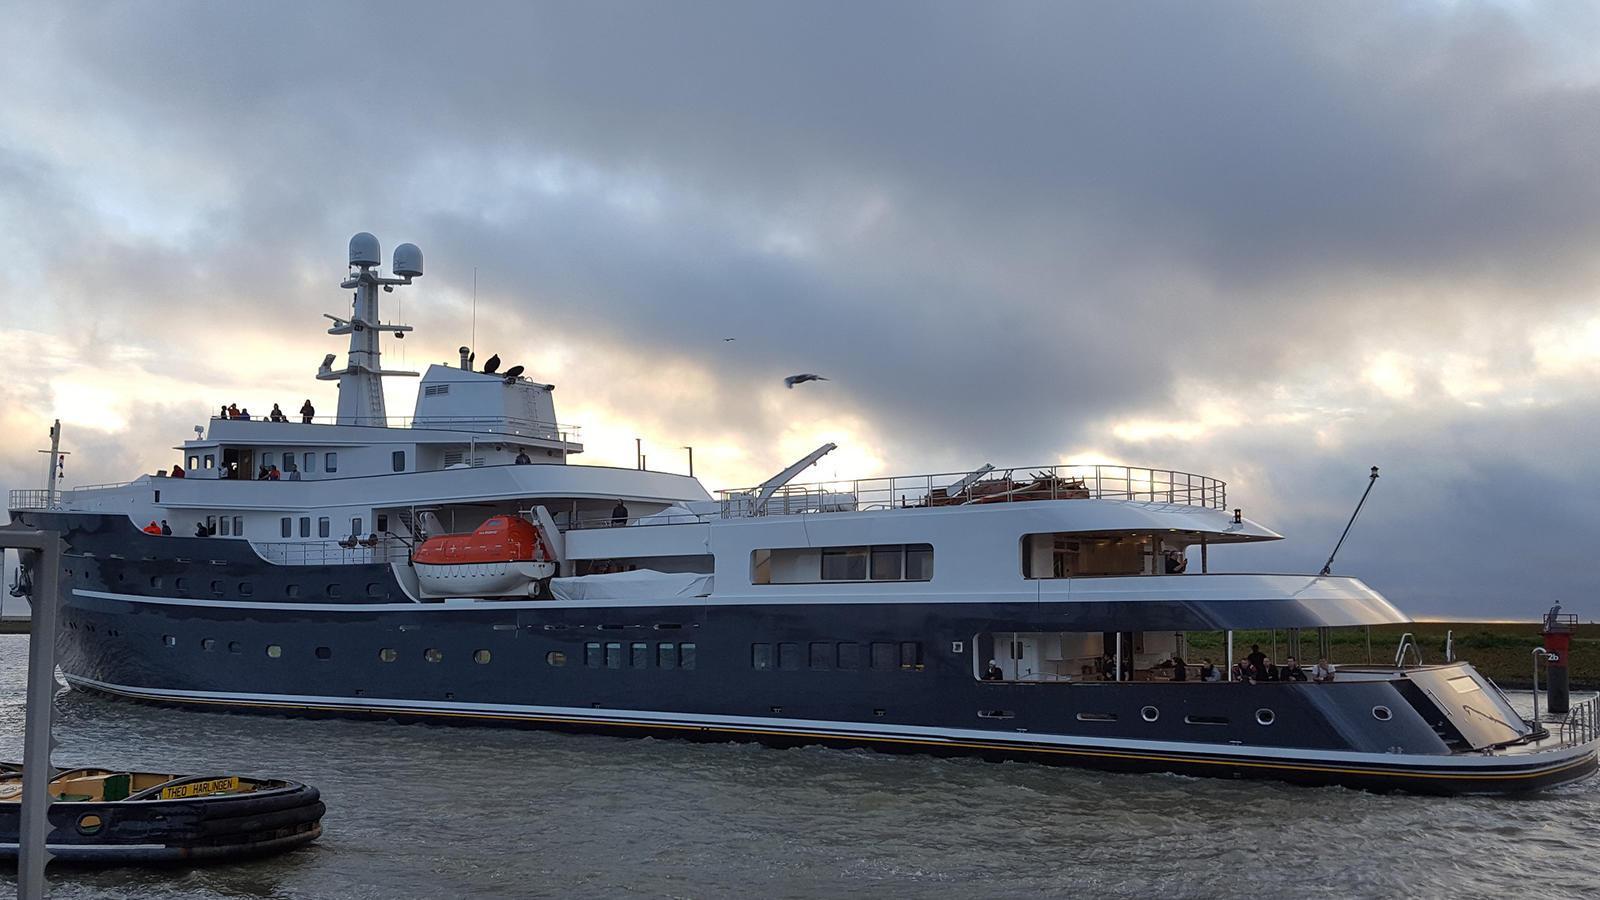 legend-motor-yacht-ihc-verschure-1974-77m-stern-post-refit